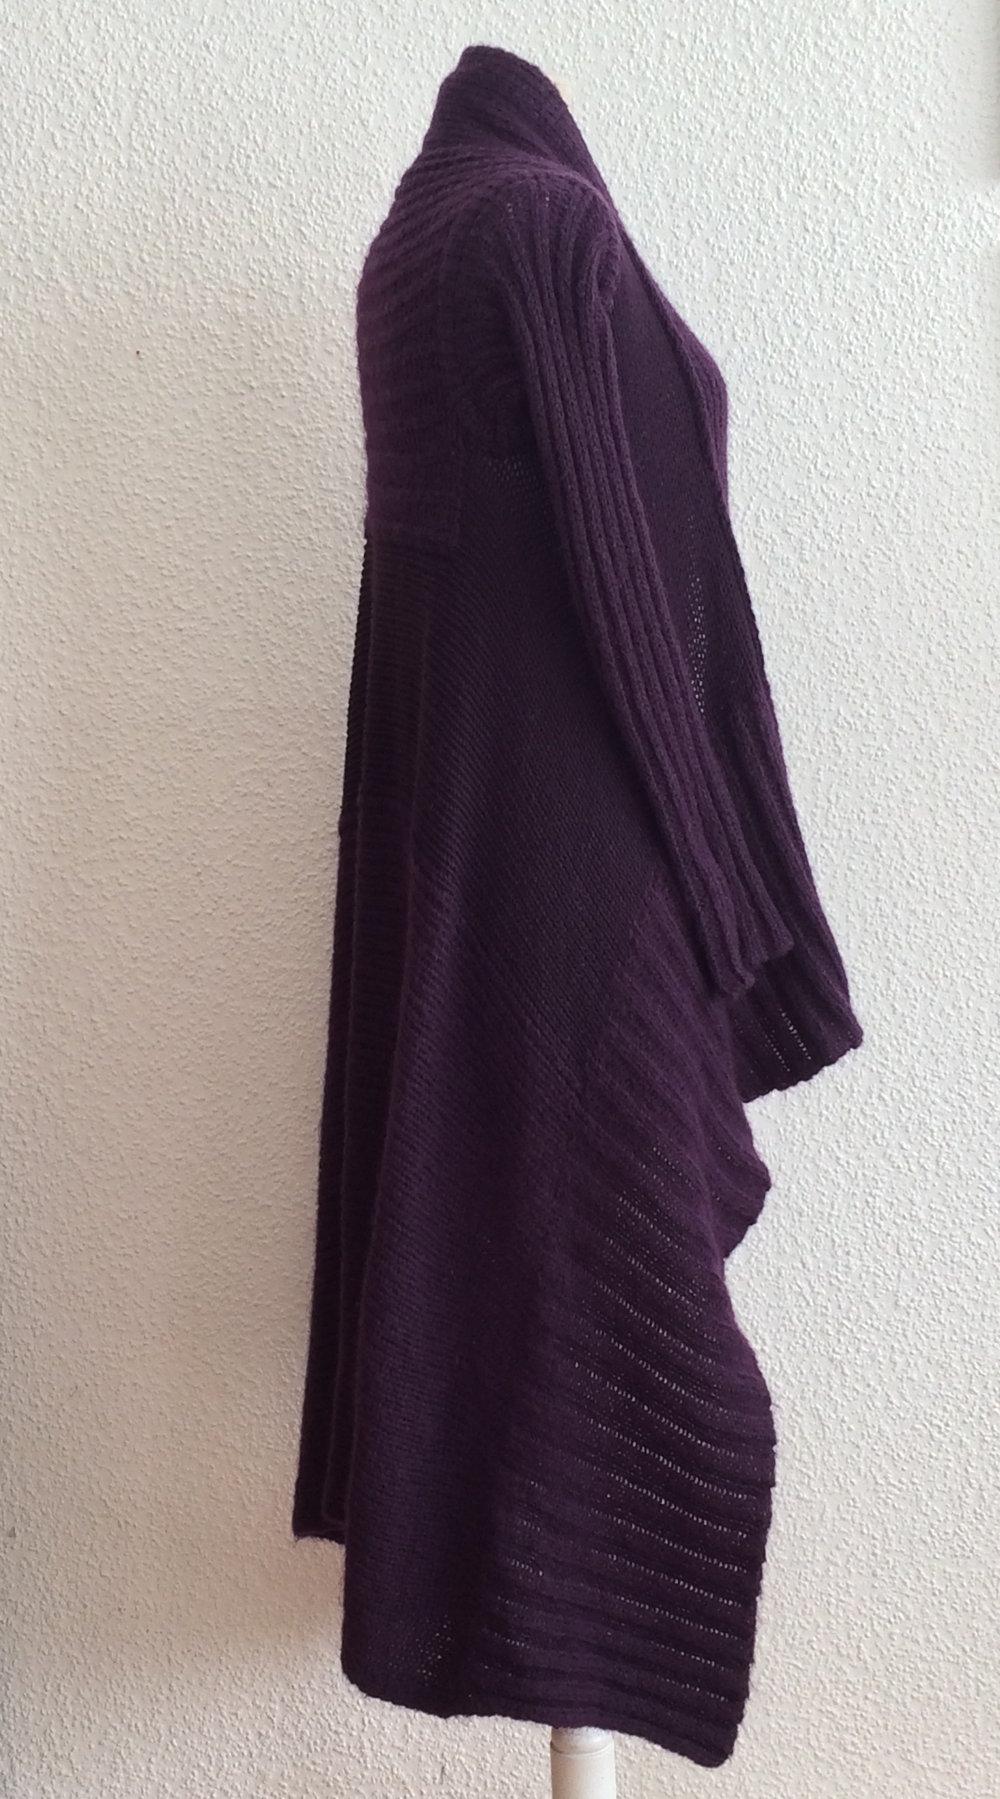 67a470d40250 ... Asymmetrische Strick Stefanel Strickmantel, lange elegante Strickjacke  im Grobstrick, Long Cardigan mit Schalkragen, Asymmetrische Strick ...